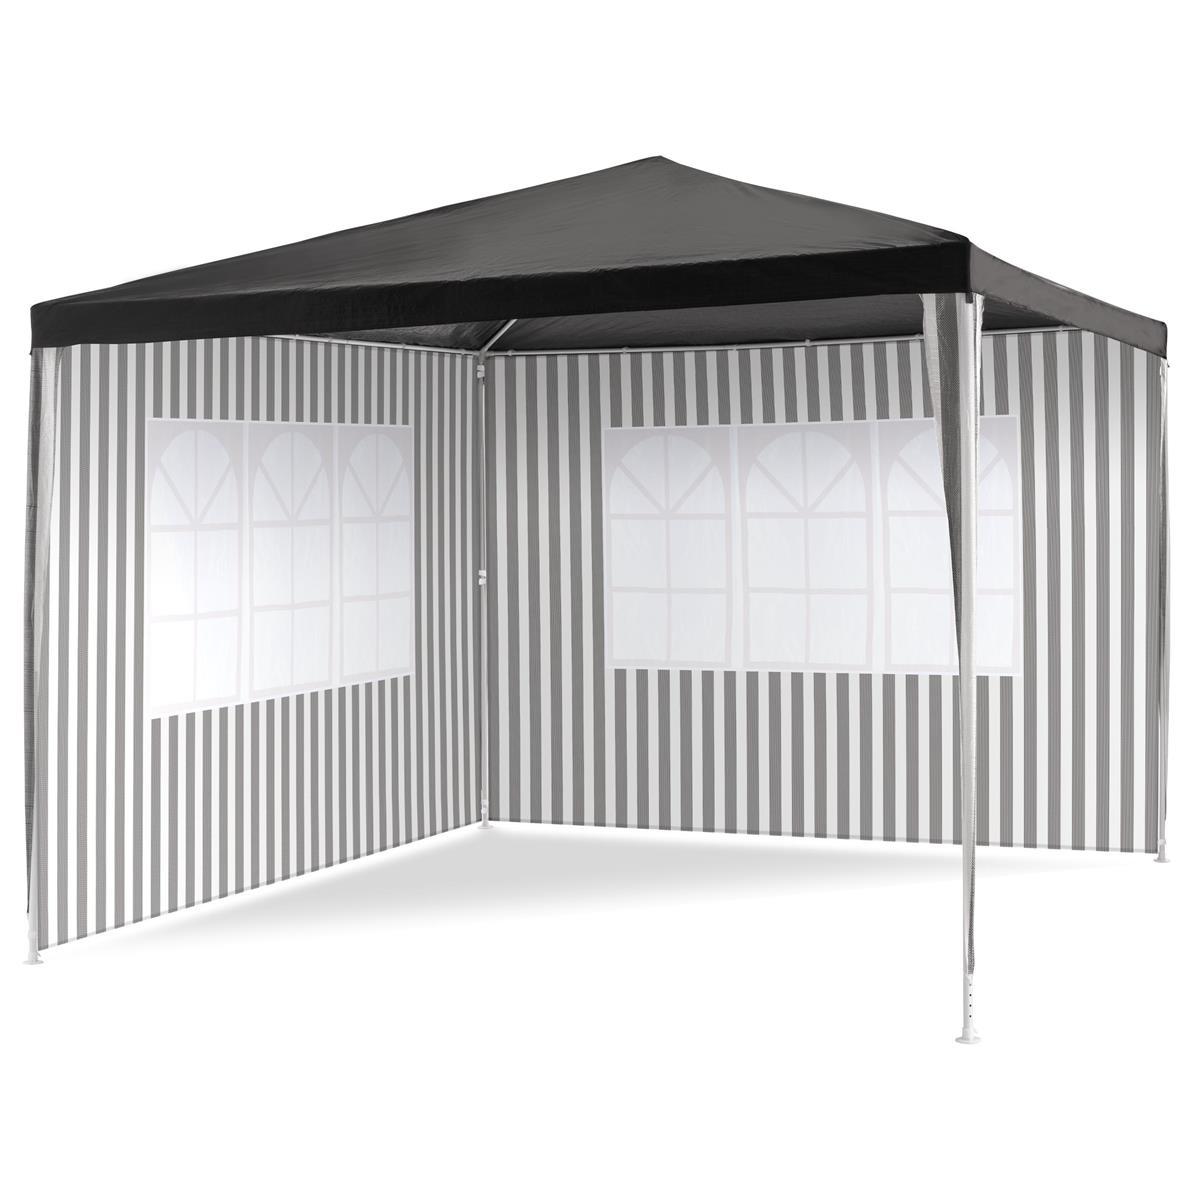 Pavillon 3x3 m in anthrazit PE Plane 2 Seitenteile Partyzelt Gartenzelt Sonnenschutz